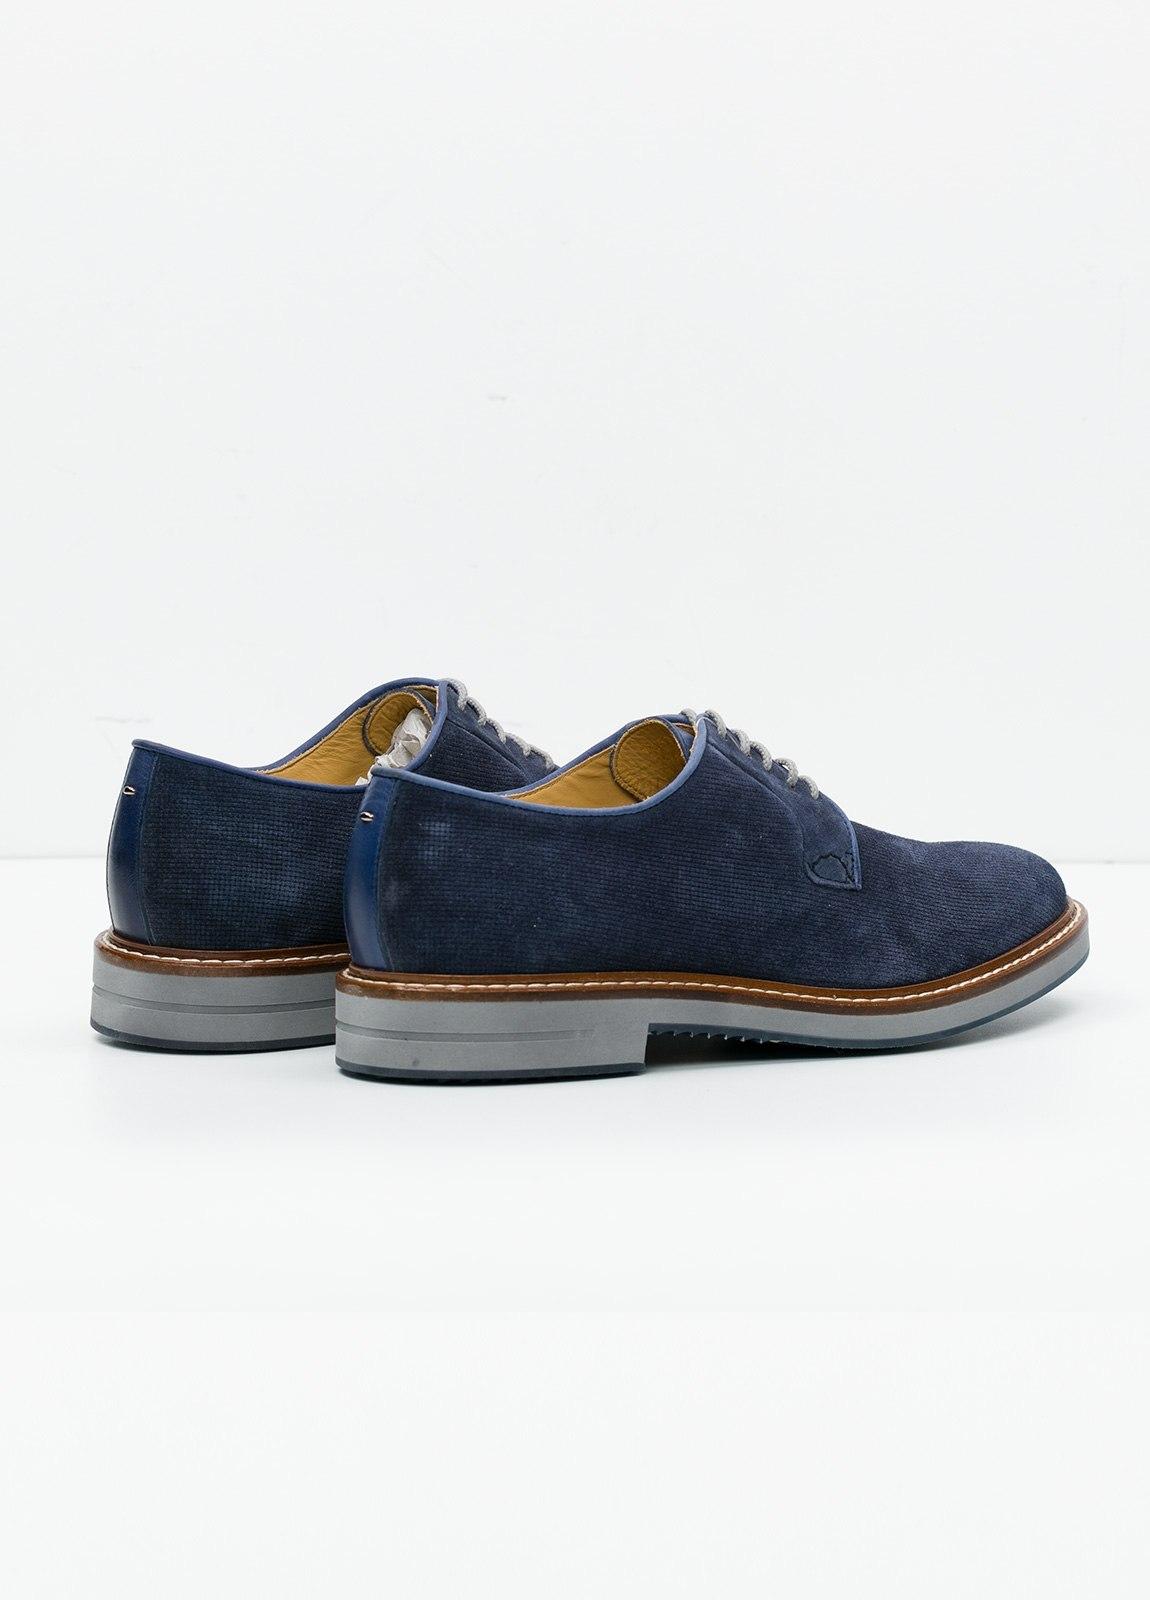 Zapato Sport Wear color azul. 100% Serraje. - Ítem4